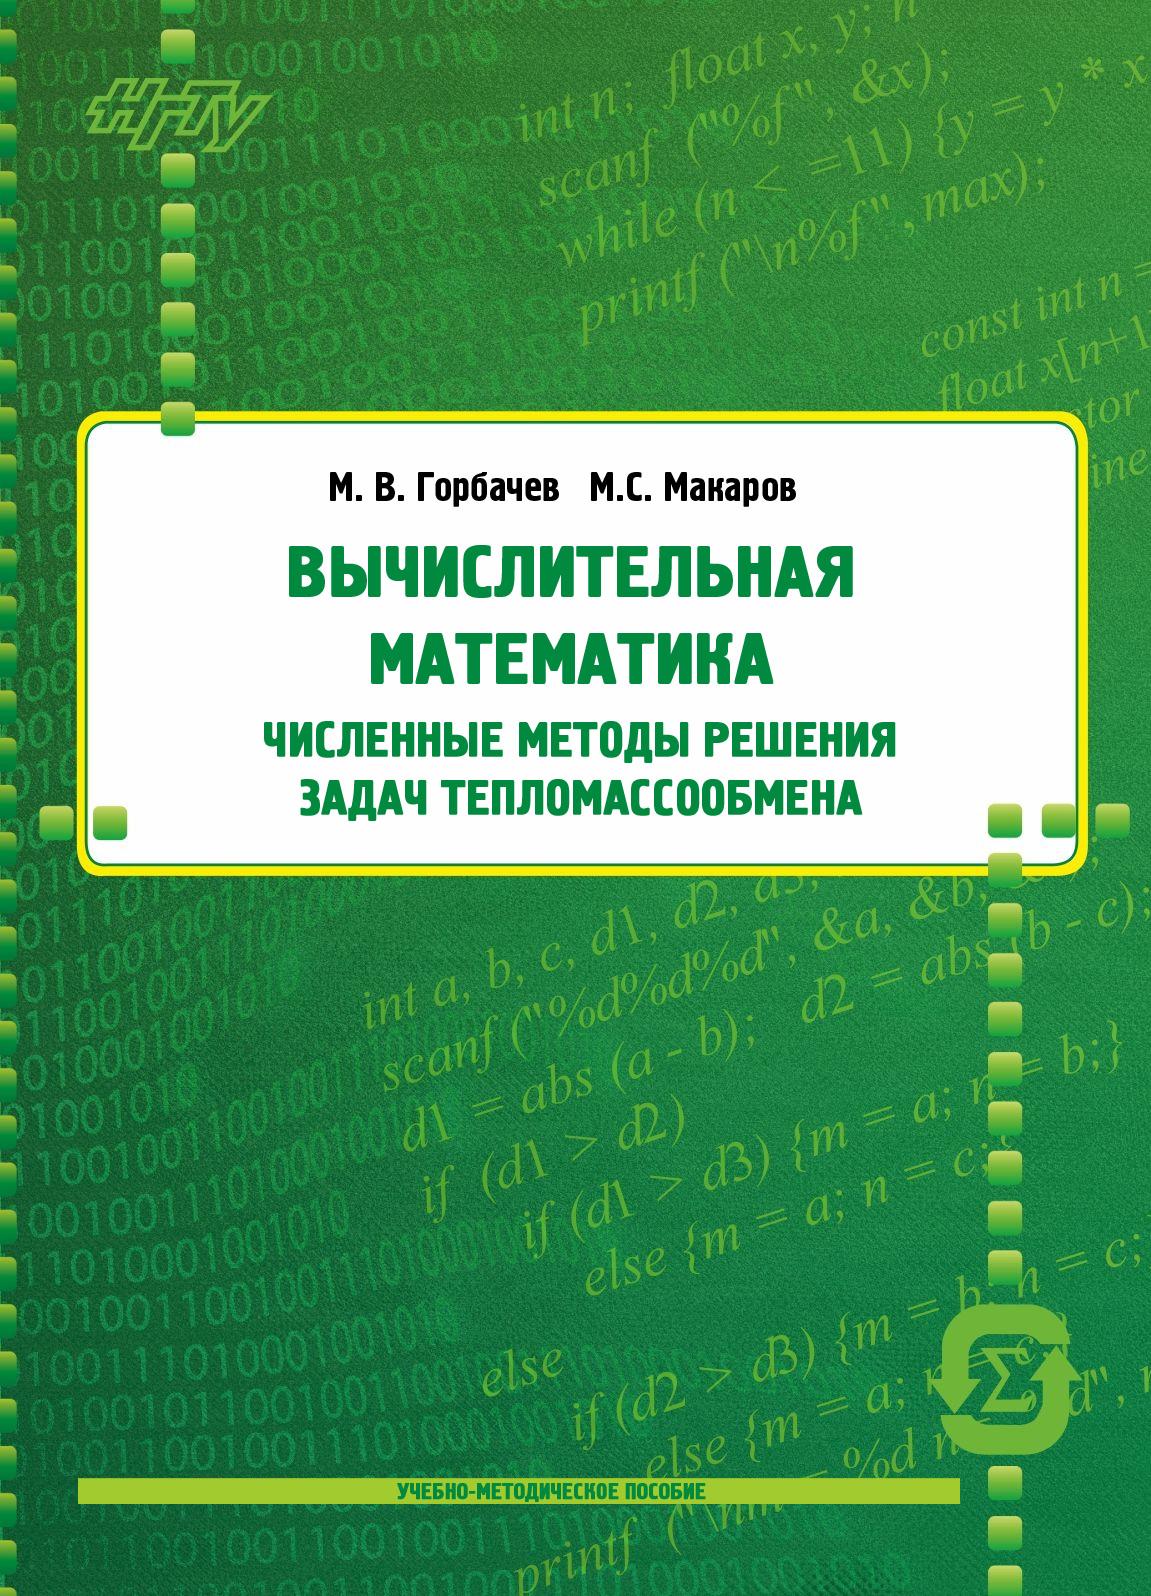 Решение задач по тепломассообмен методы решения задач с помощью линейного программирования